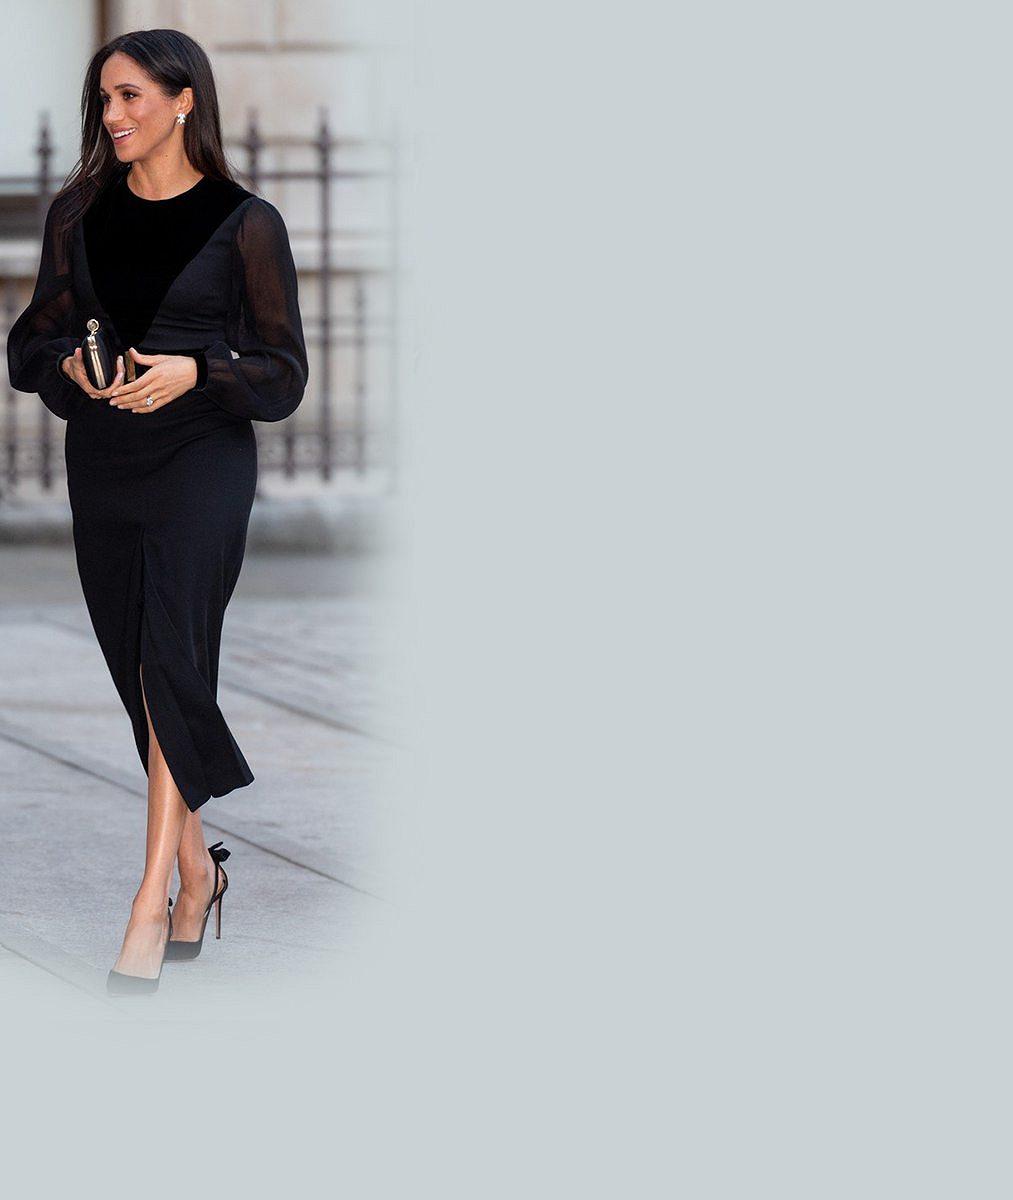 5 outfitů, které už vévodkyně Meghan neoblékne: Minisukně i sexy šaty s výstřihy jsou minulostí